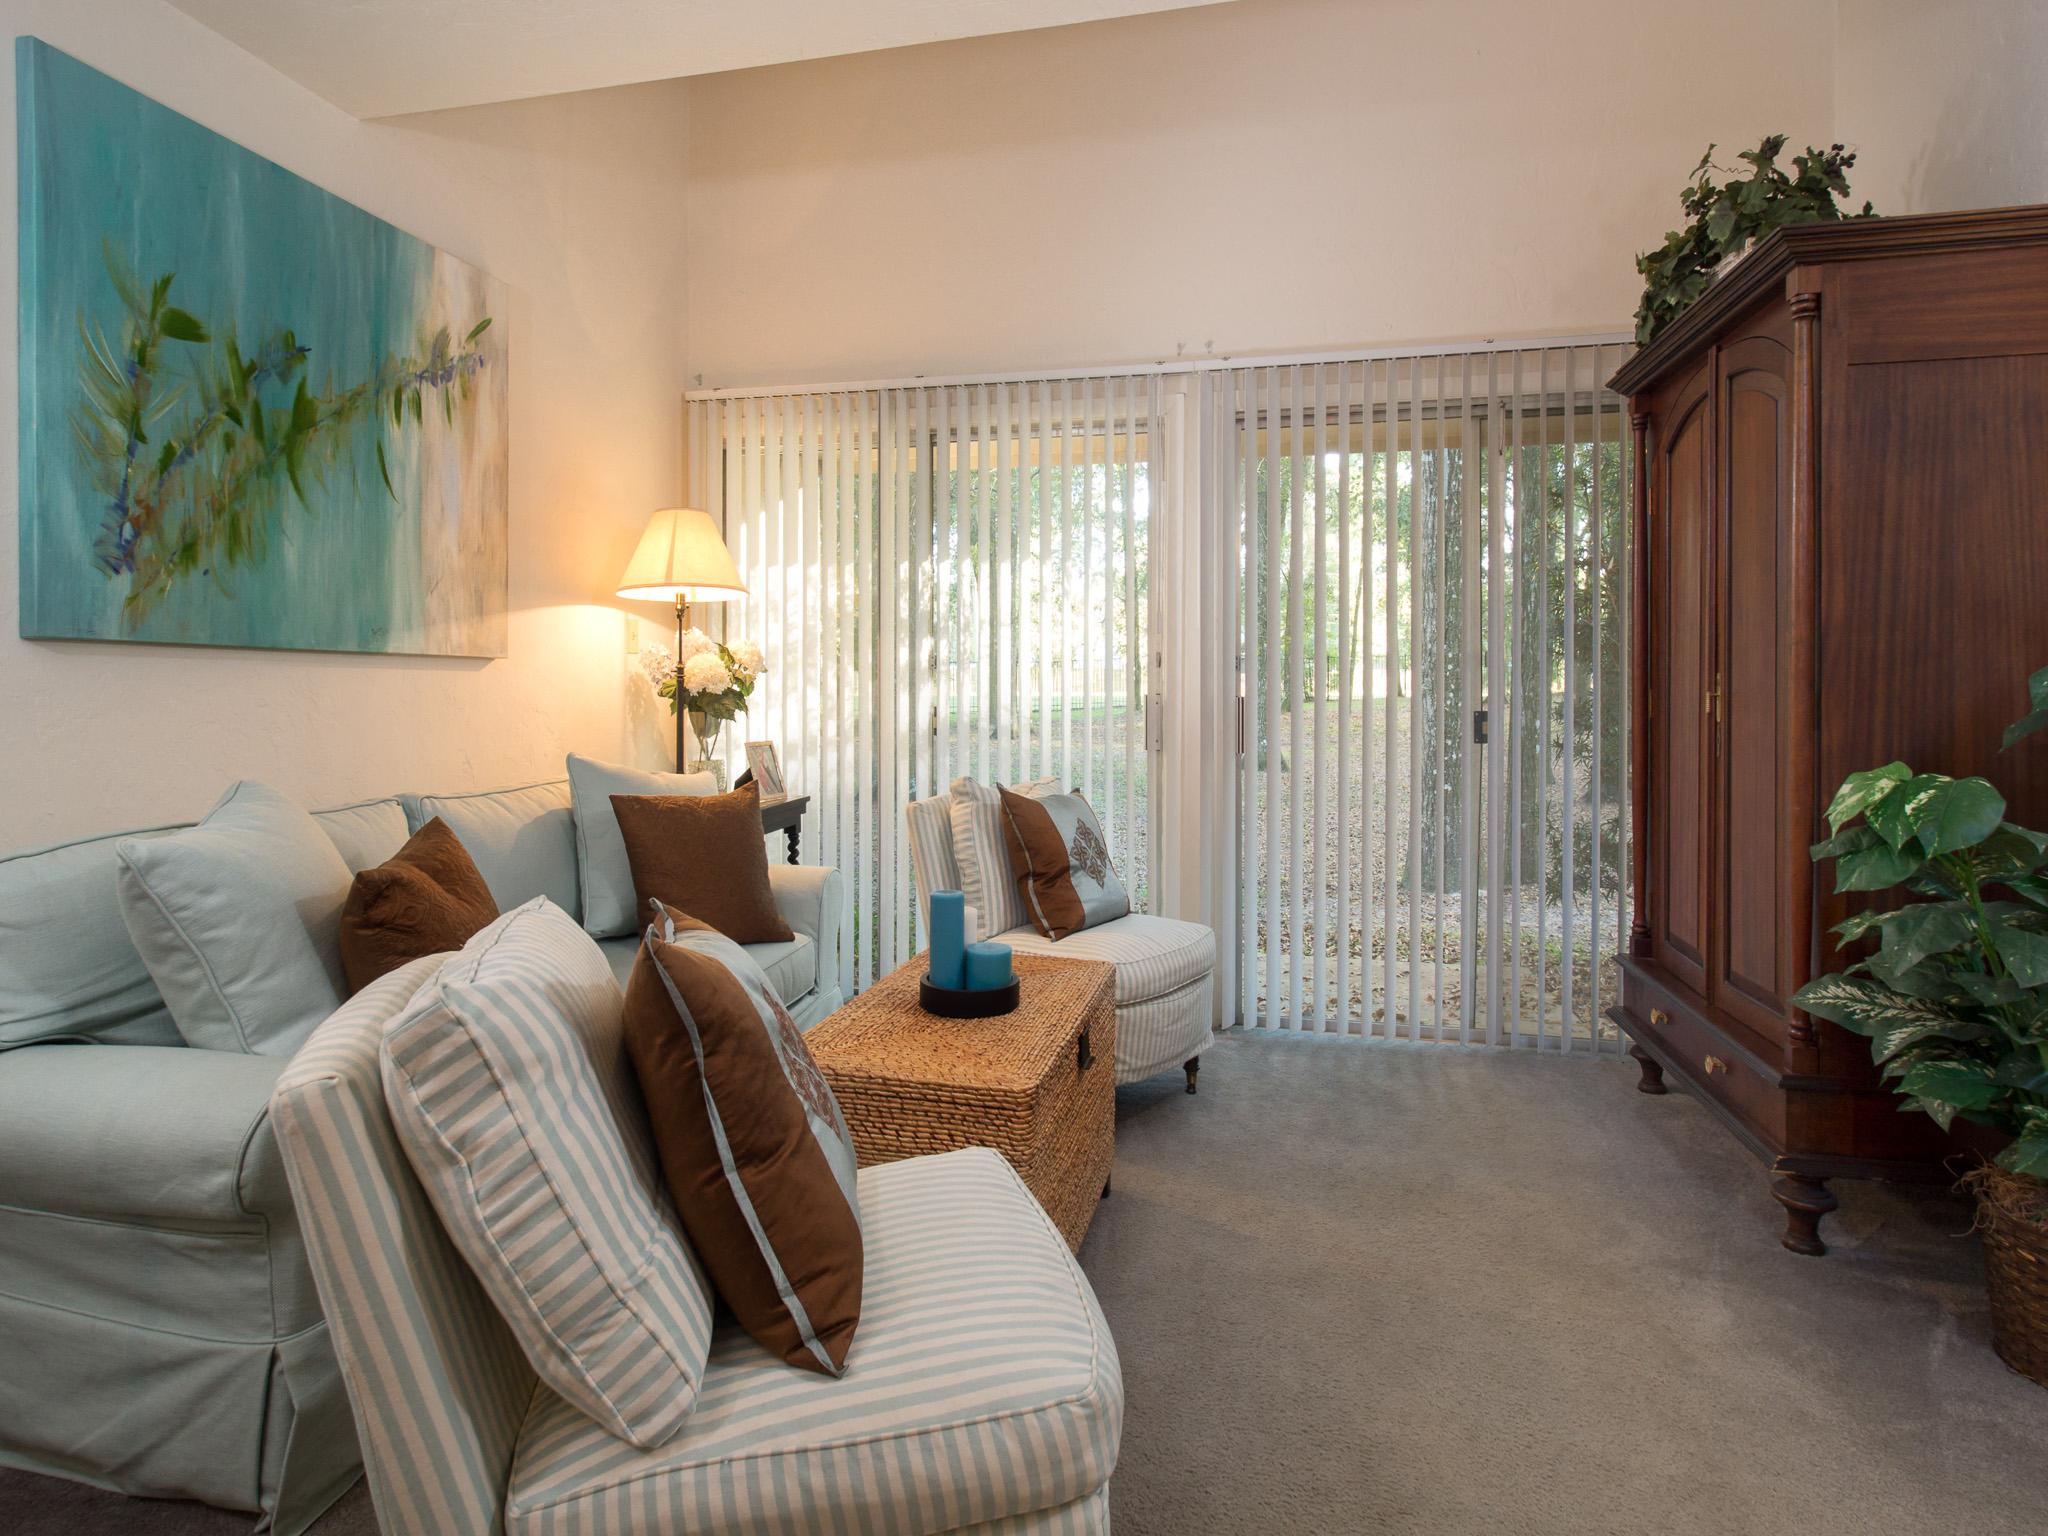 Carpet in Living & Bedrooms